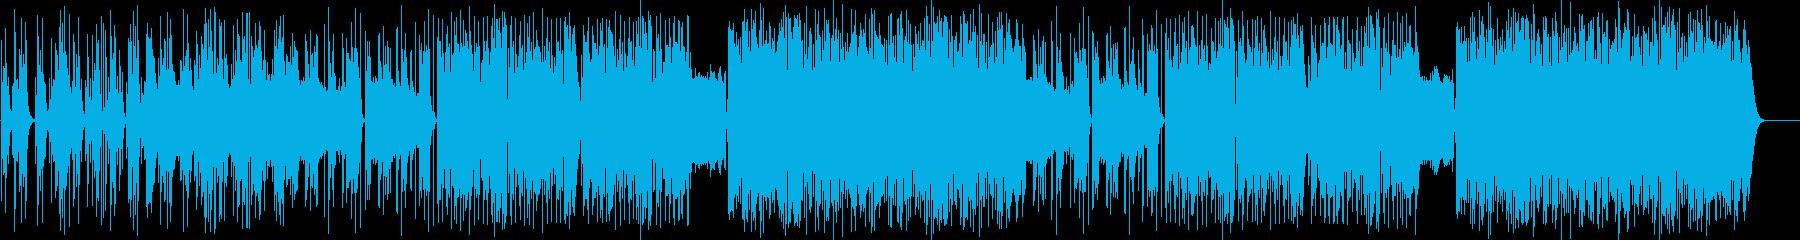 オーケストラ/ヒップホップ/動画向/#2の再生済みの波形